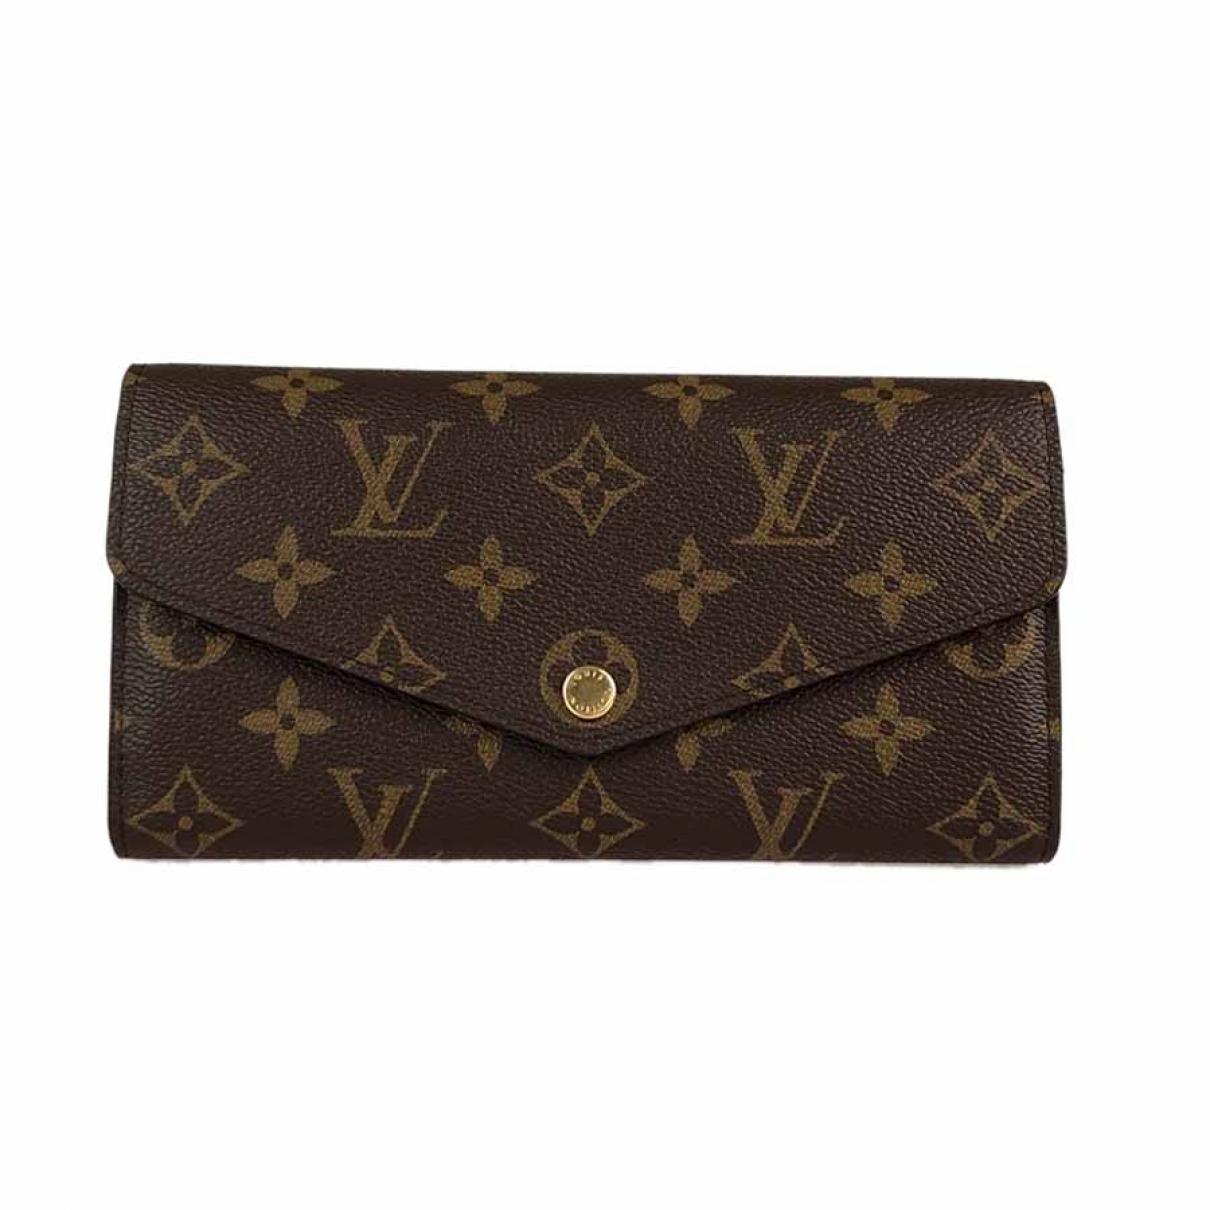 Cartera Sarah de Lona Louis Vuitton